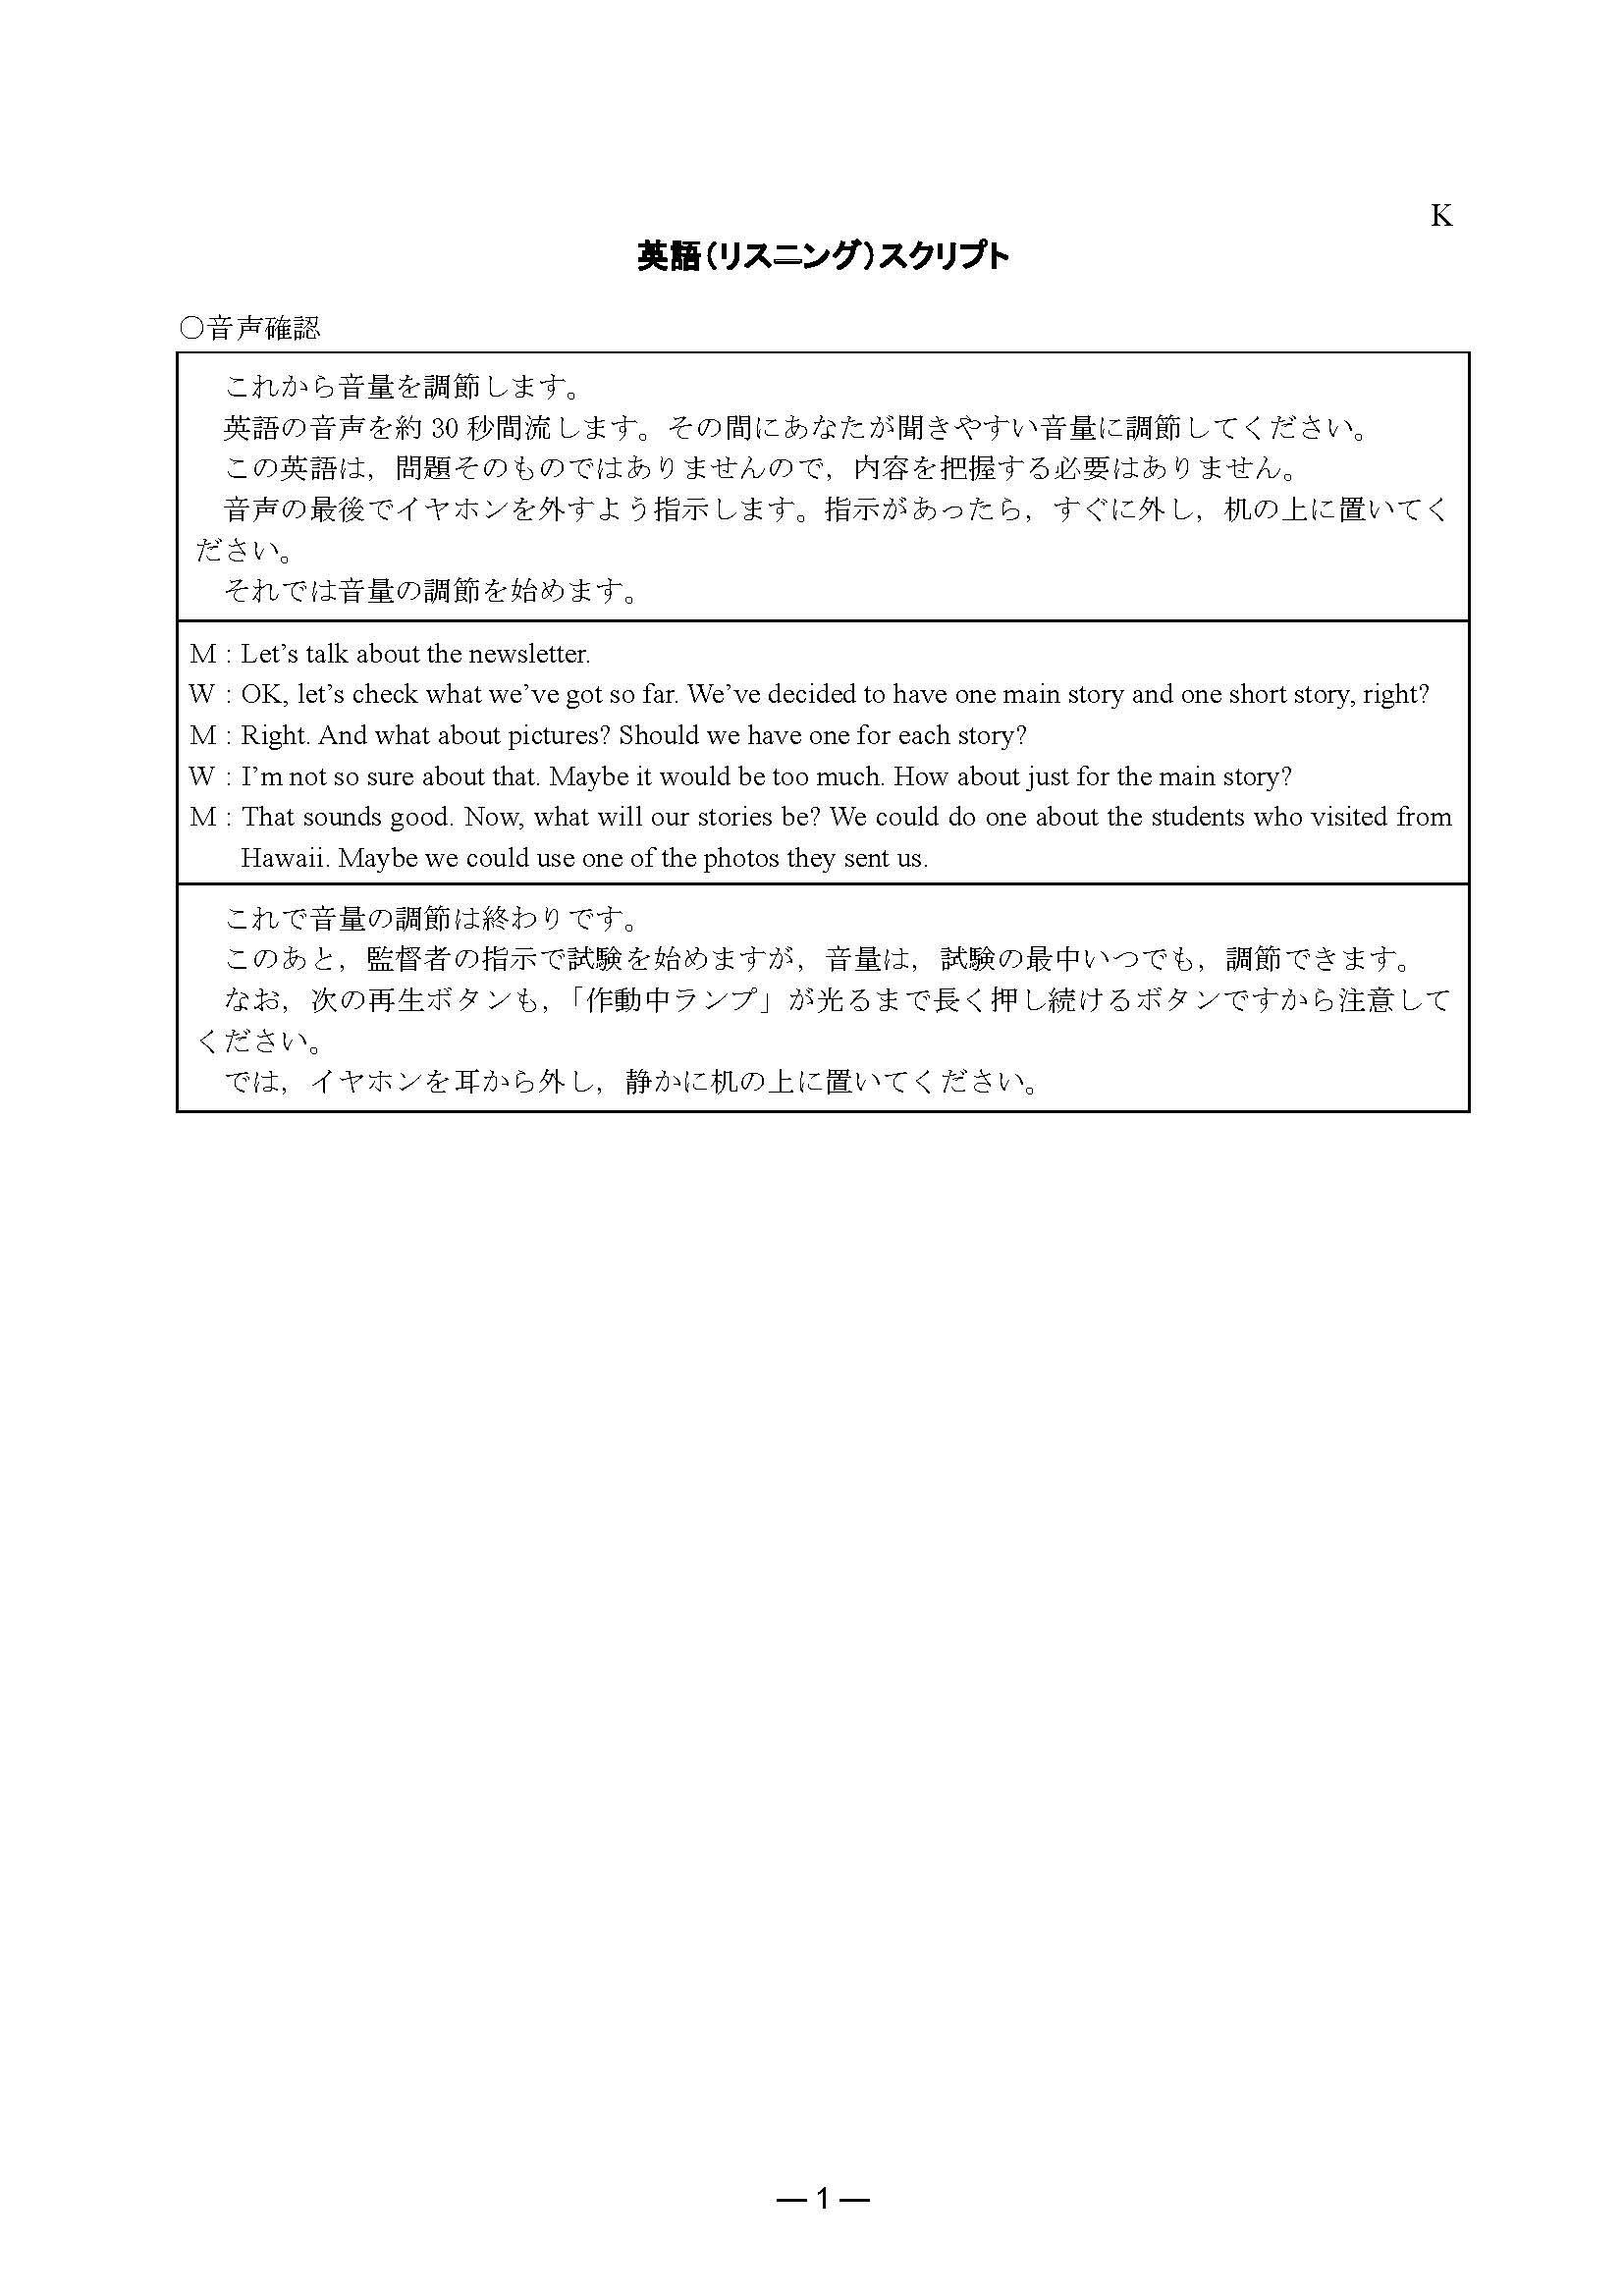 2019年 平成31年,令和元年 外国語 英語_リスニング 大学入試センター試験過去問